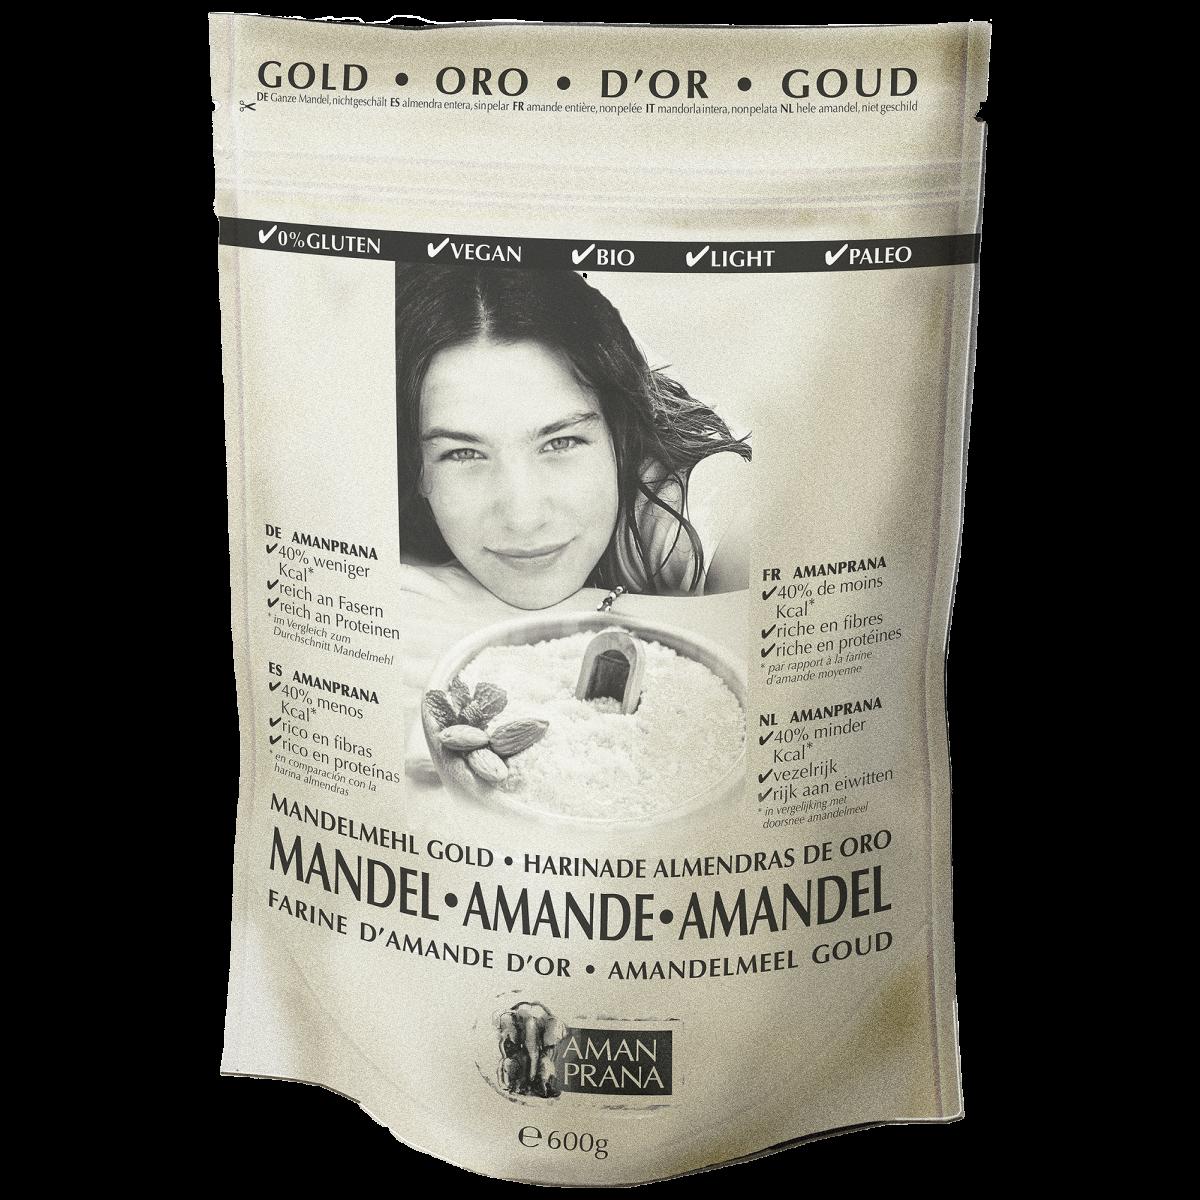 Amandelmeel Goud